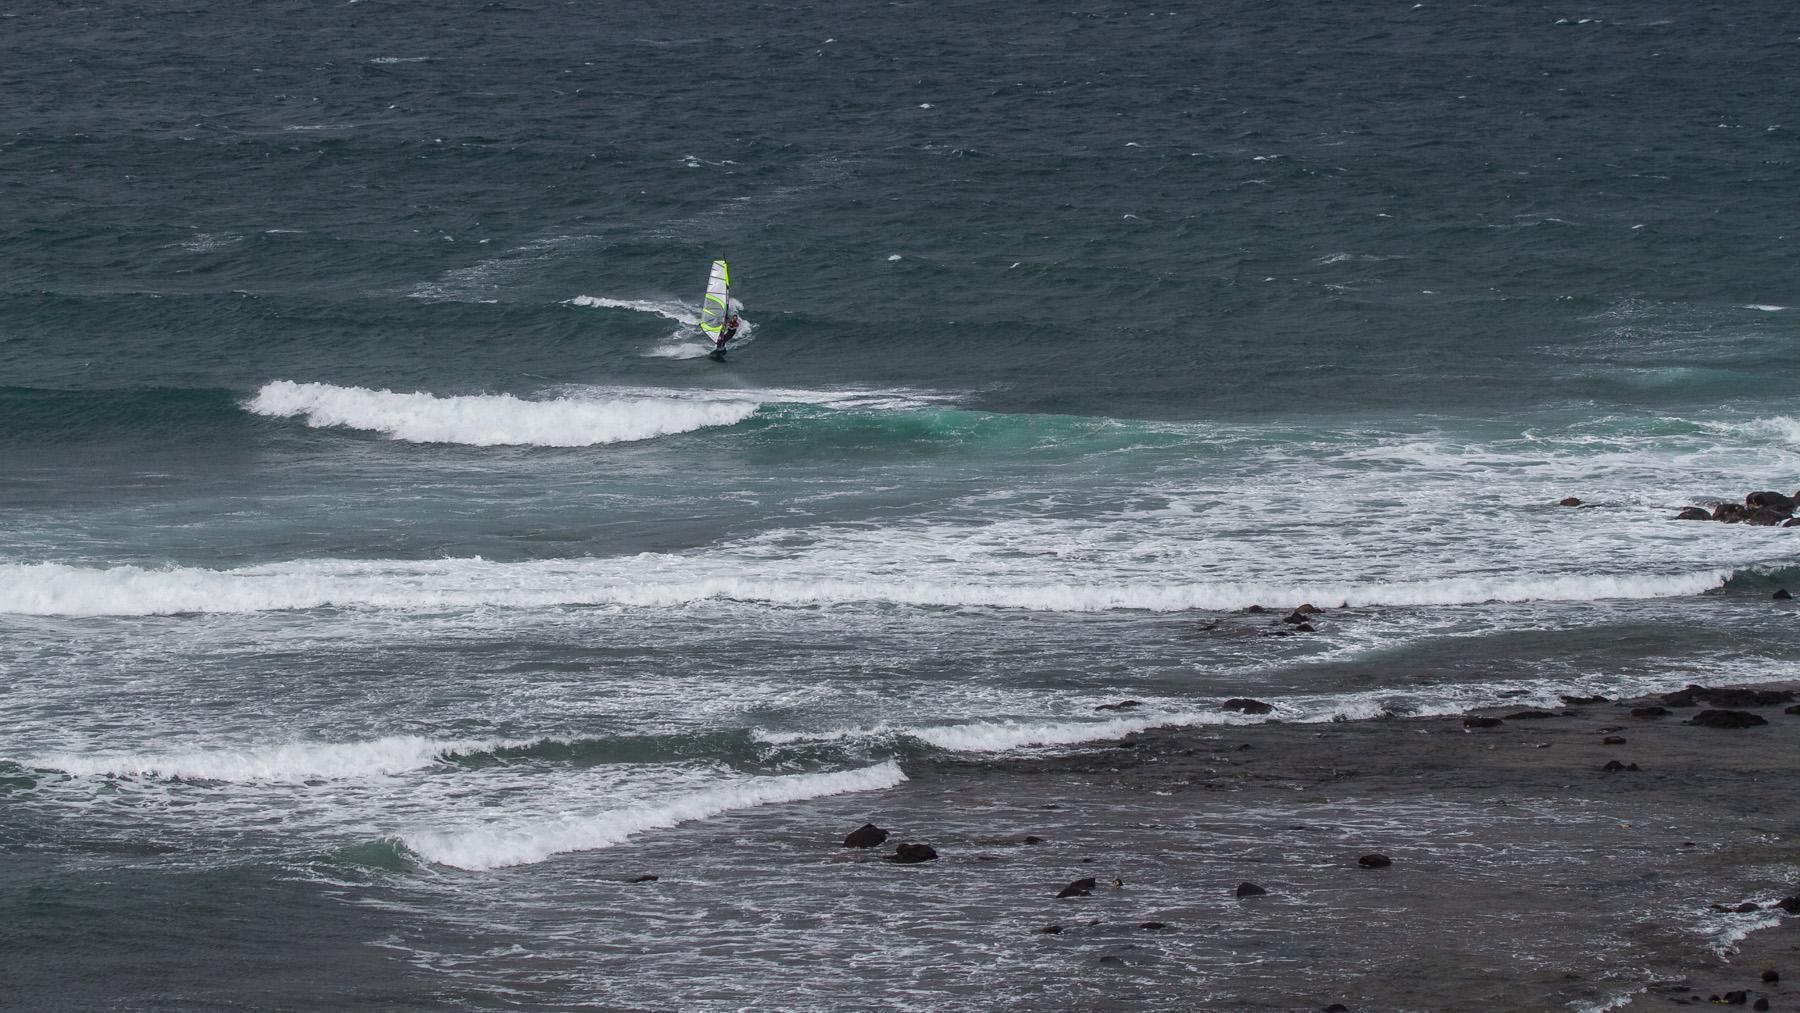 windsurfing surfies point on phillip island